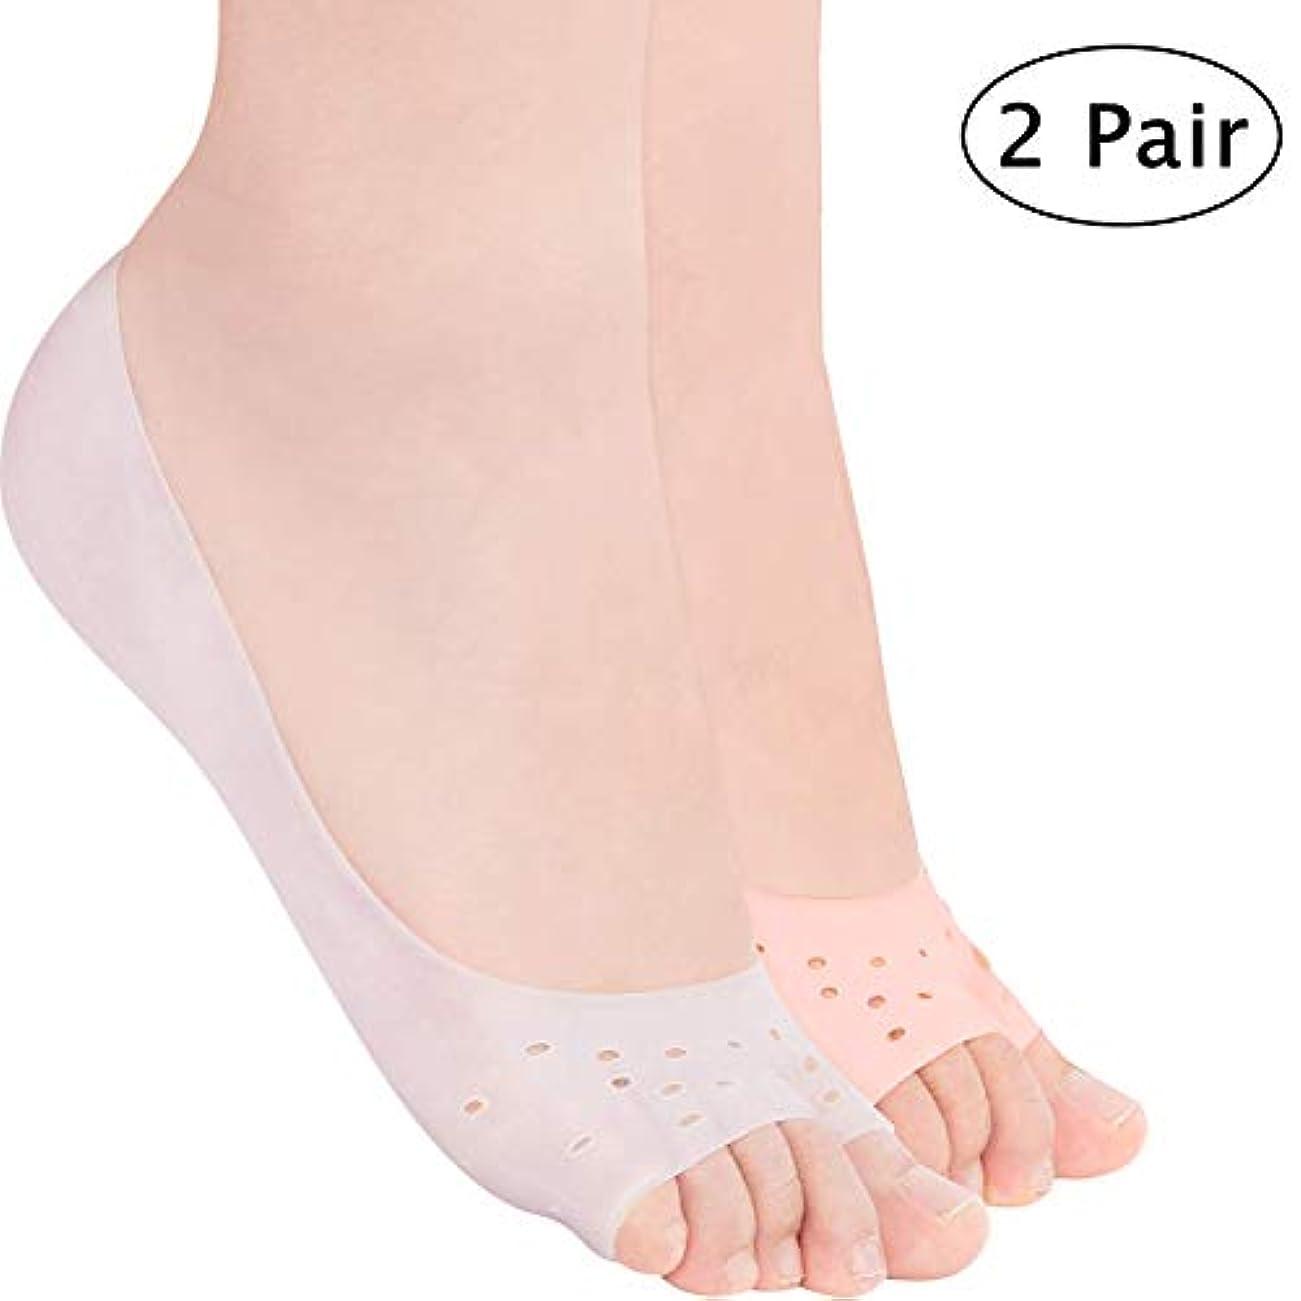 愛人とげのある不適切な美容 保湿 靴下 シリコーン ソックス 弾性ひび 割れを防ぐ 通気穴付き 2足セット